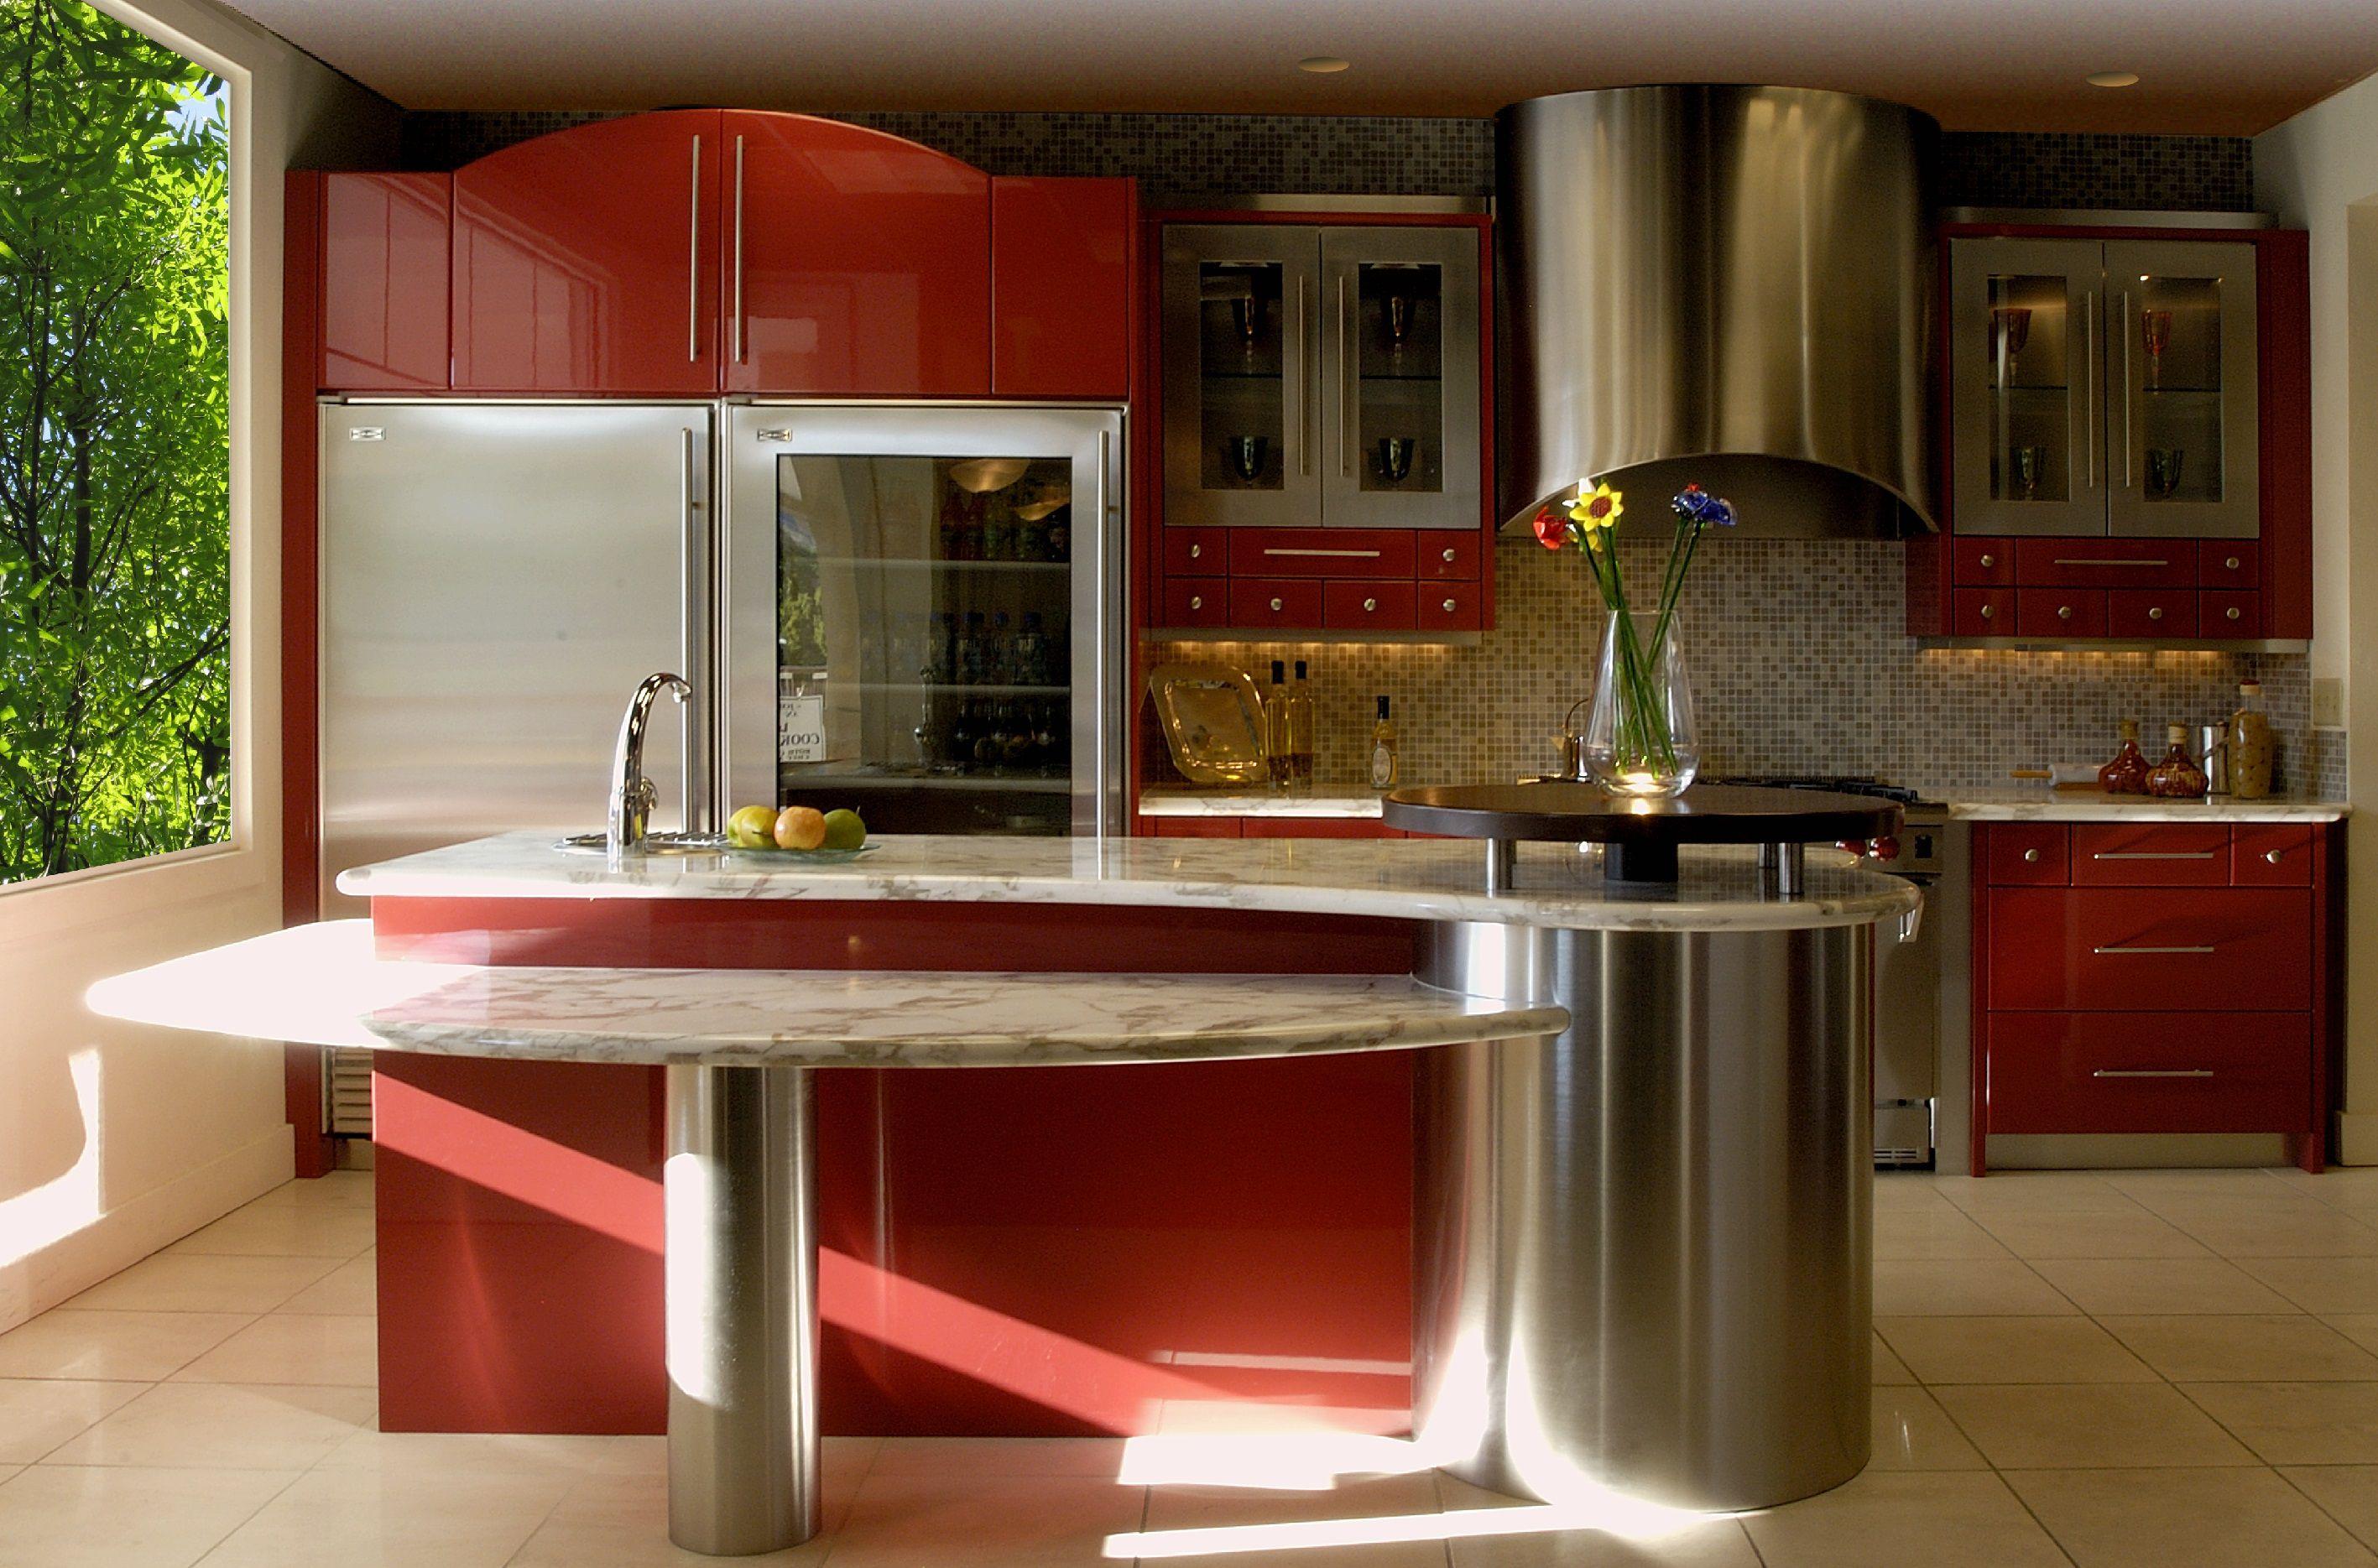 intérieur-agréable-pour-chambre-spacieuse-utilisant-des-armoires-de-cuisine-rouges-modernes